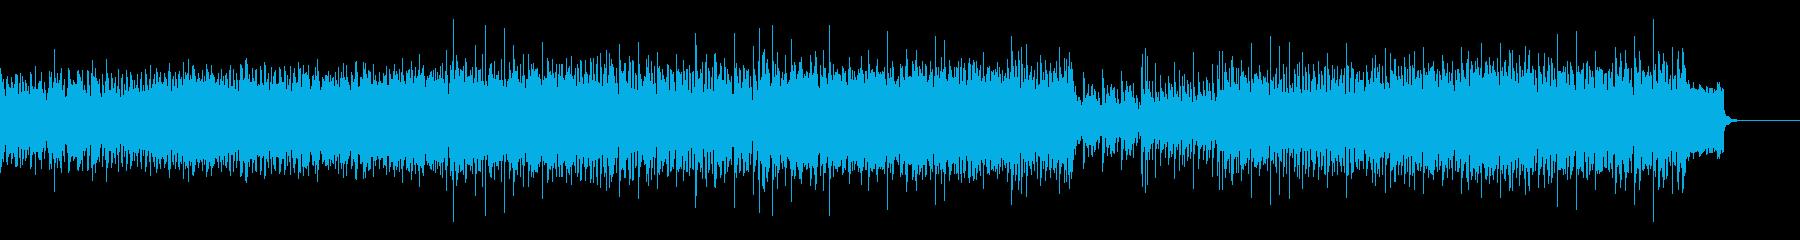 怪しげな重低音EDMの再生済みの波形